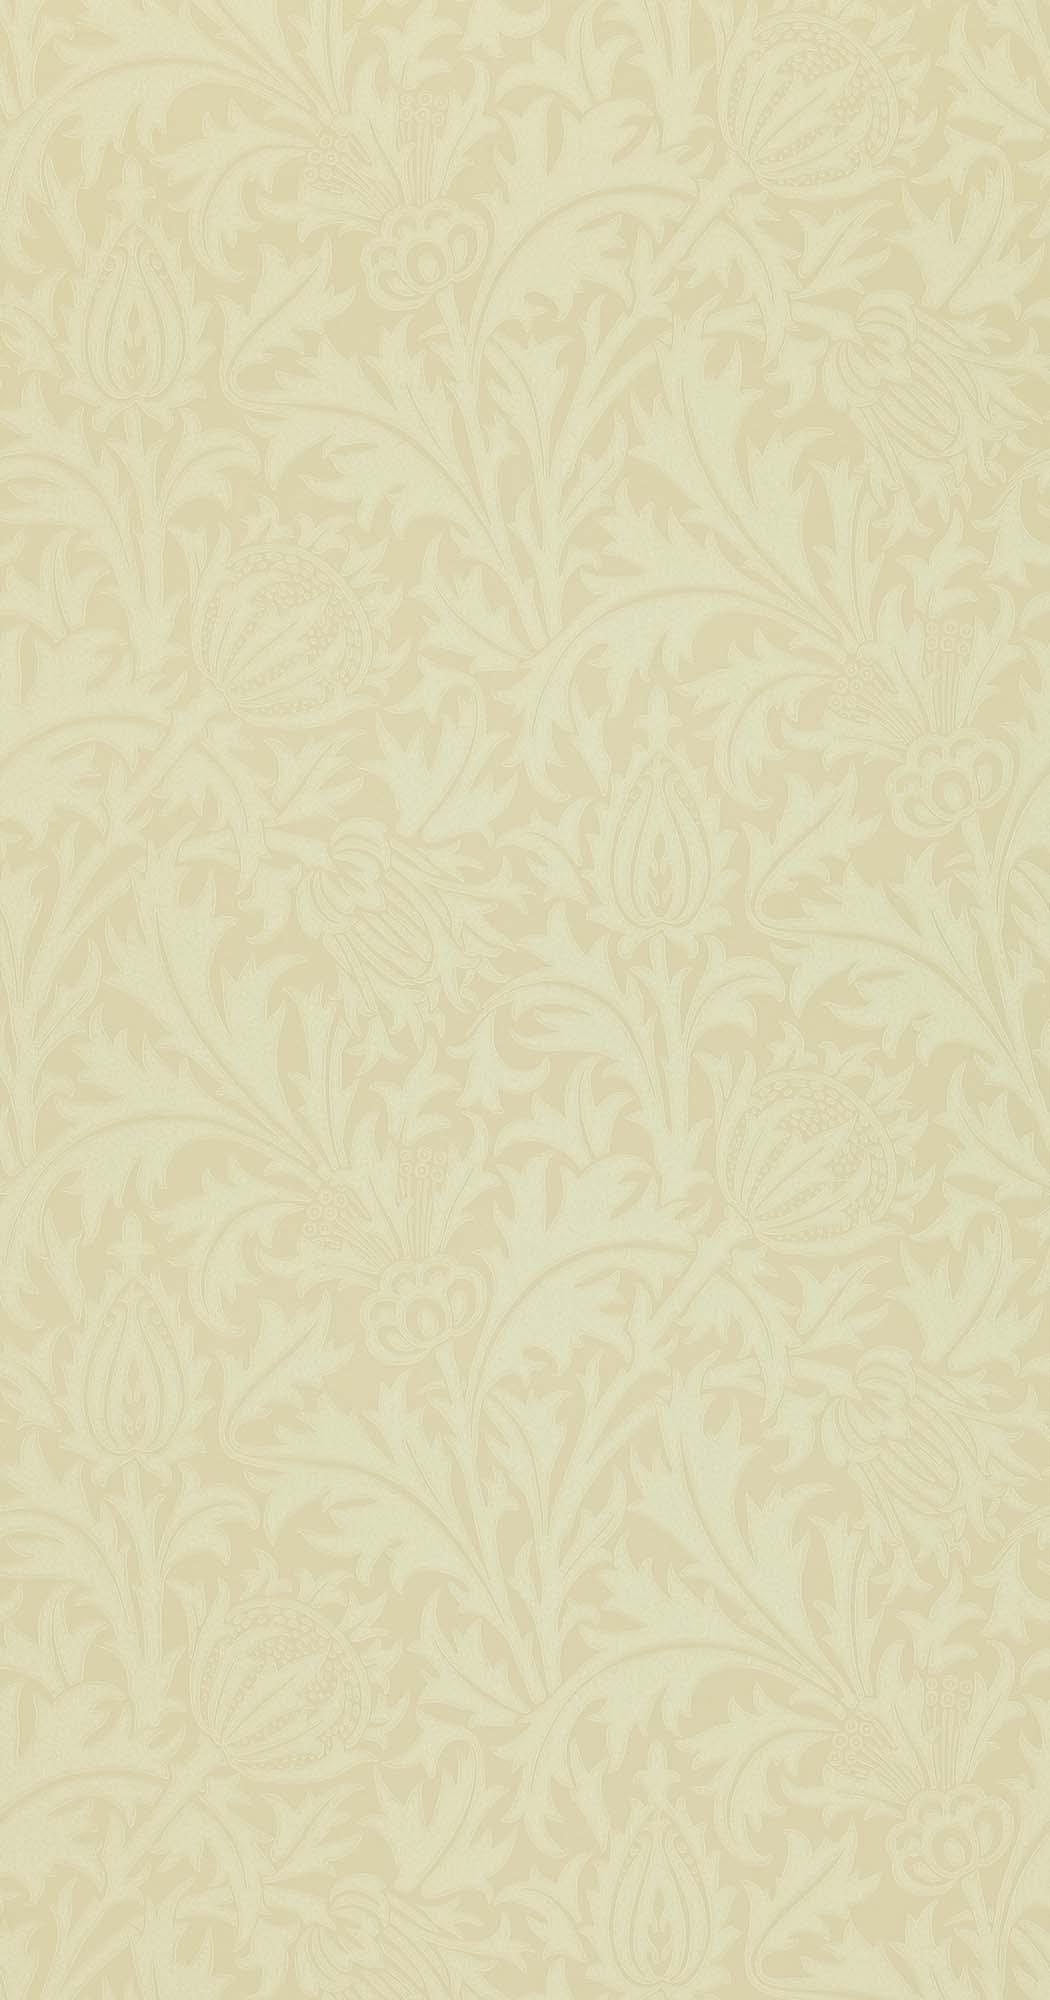 ウィリアムモリス壁紙 Thistle WM-8608-1